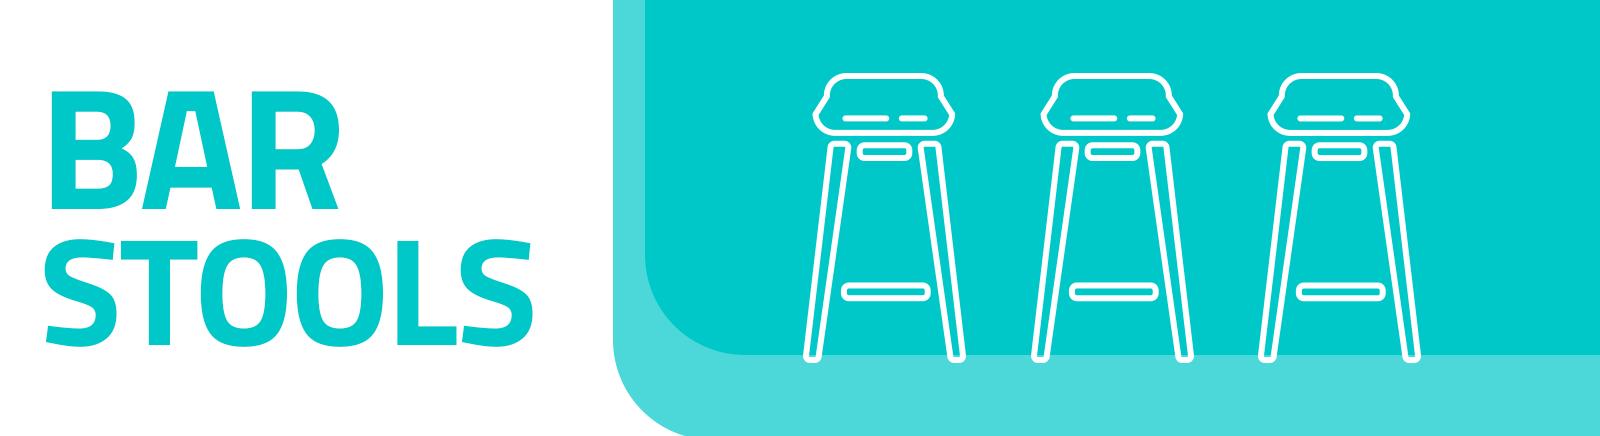 Bar stools, counter stools, hokers